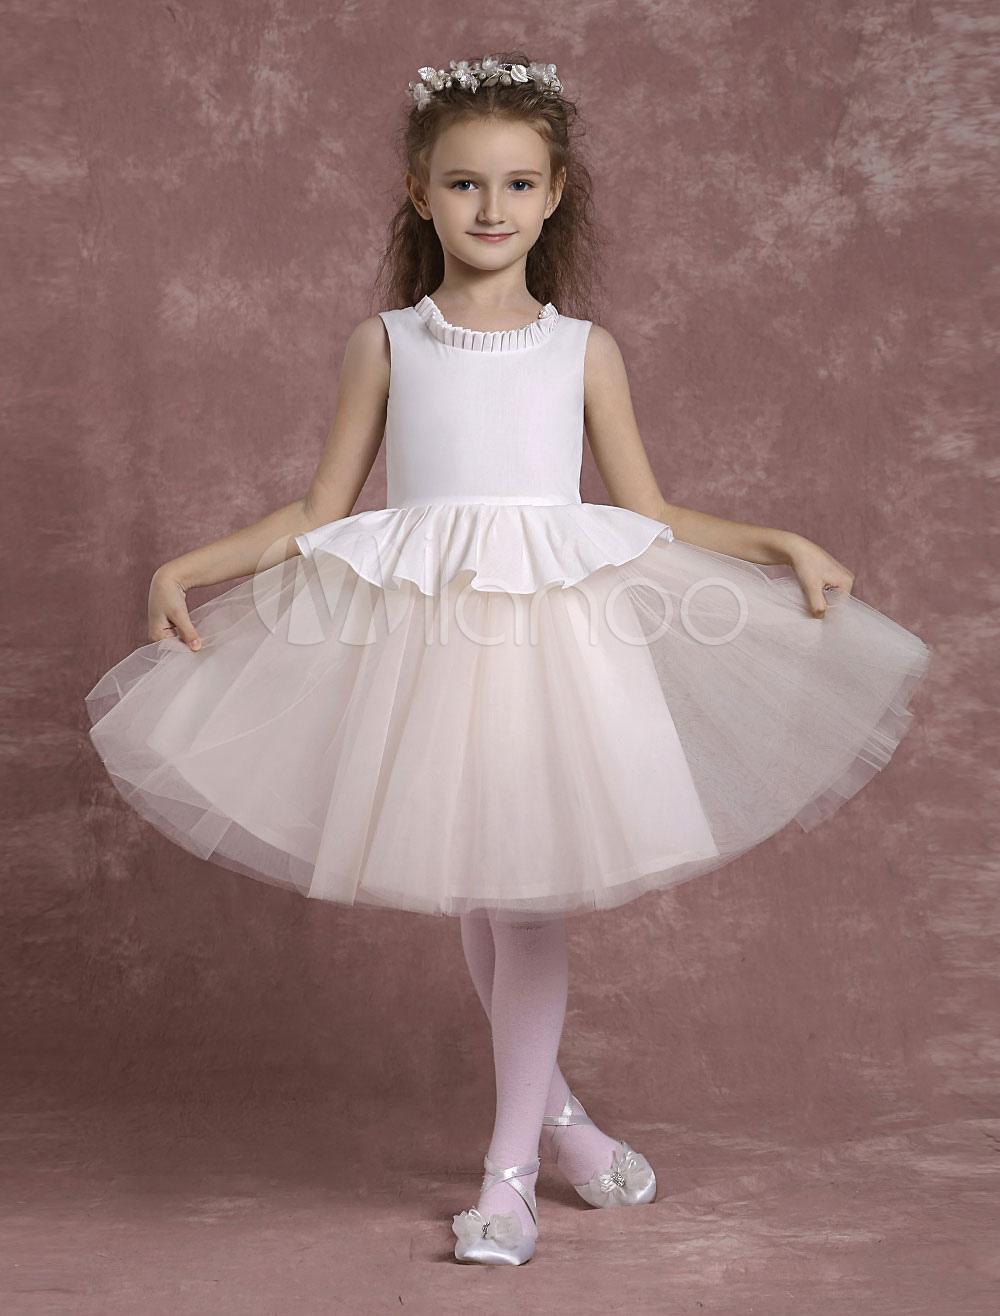 Buy Tulle Flower Girl Dresses Peplum Pageant Dresses Toddler's Zipper Ruffles A Line Knee Length Formal Dresses for $72.89 in Milanoo store